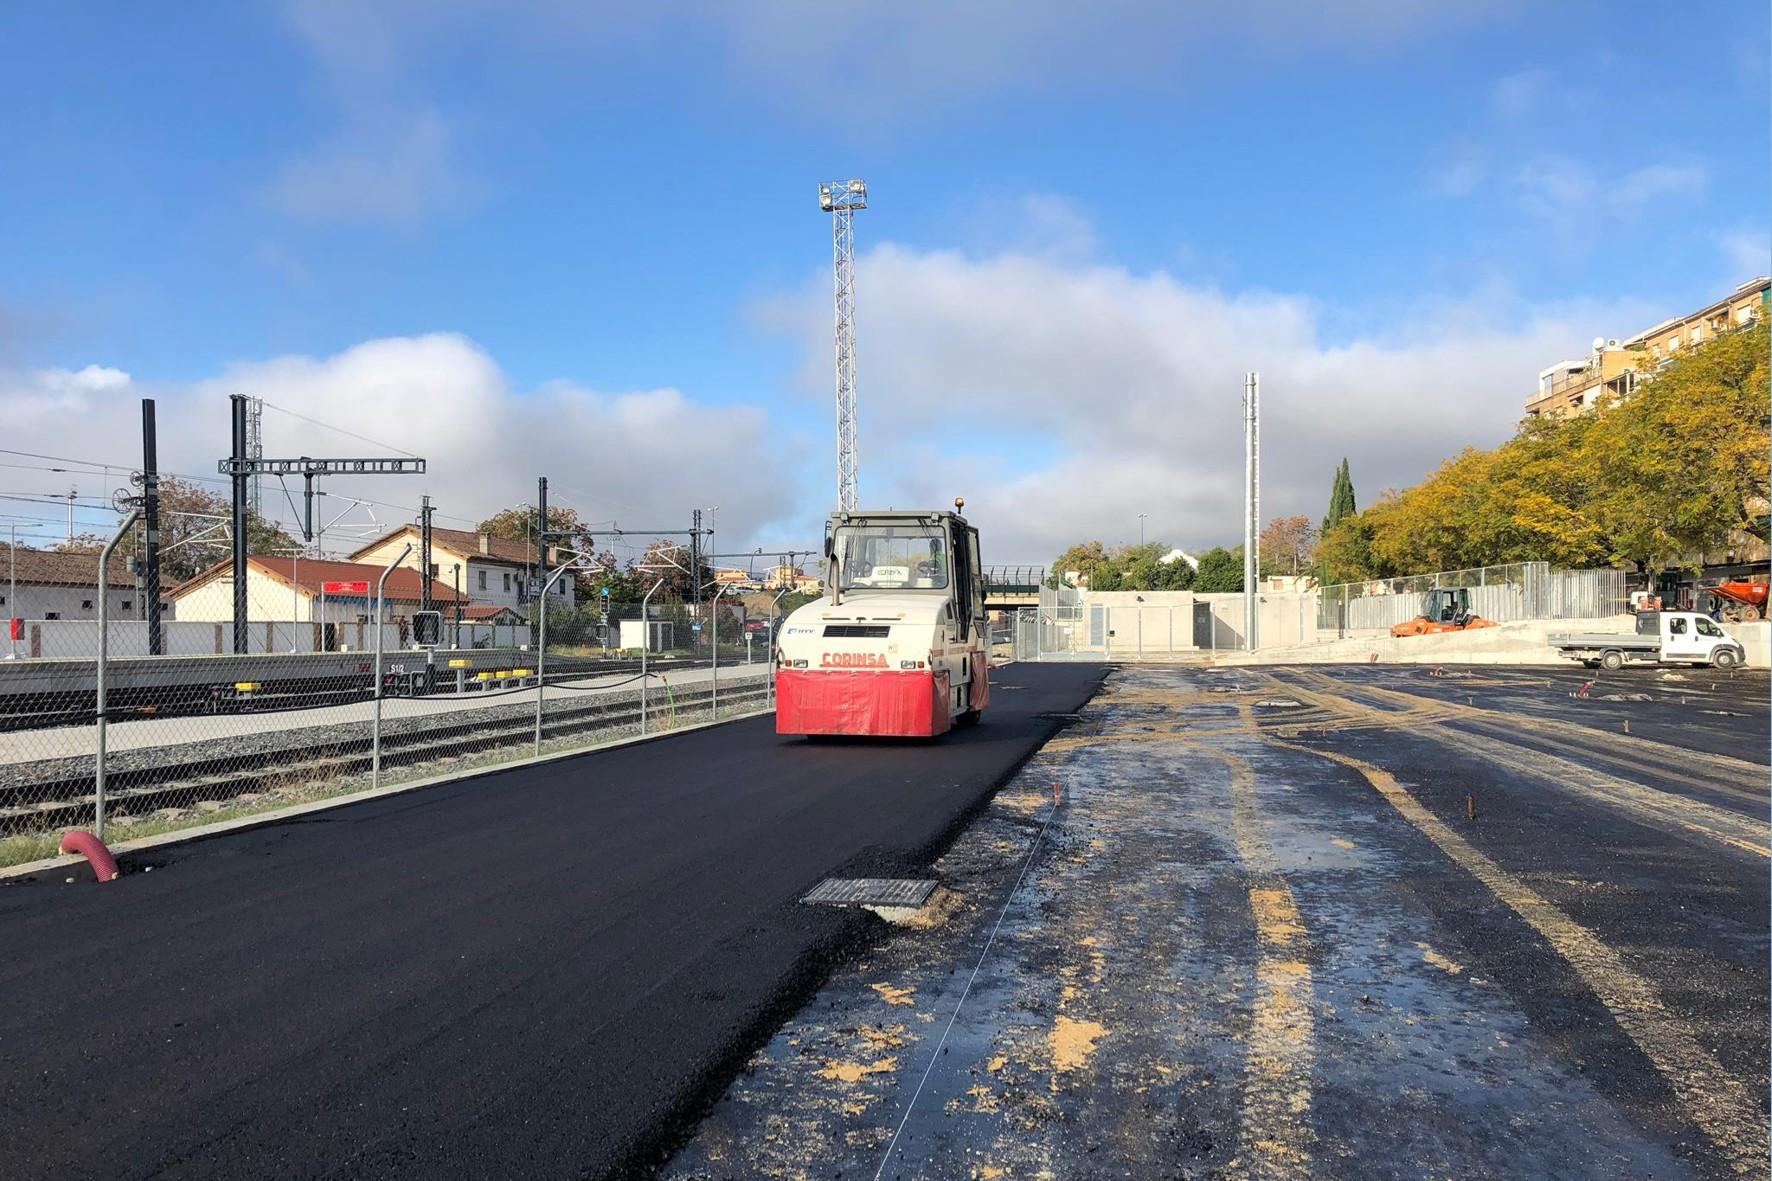 Avance de las obras en el parking que se está ejecutando como compensación por las obras del Metro de Granada.